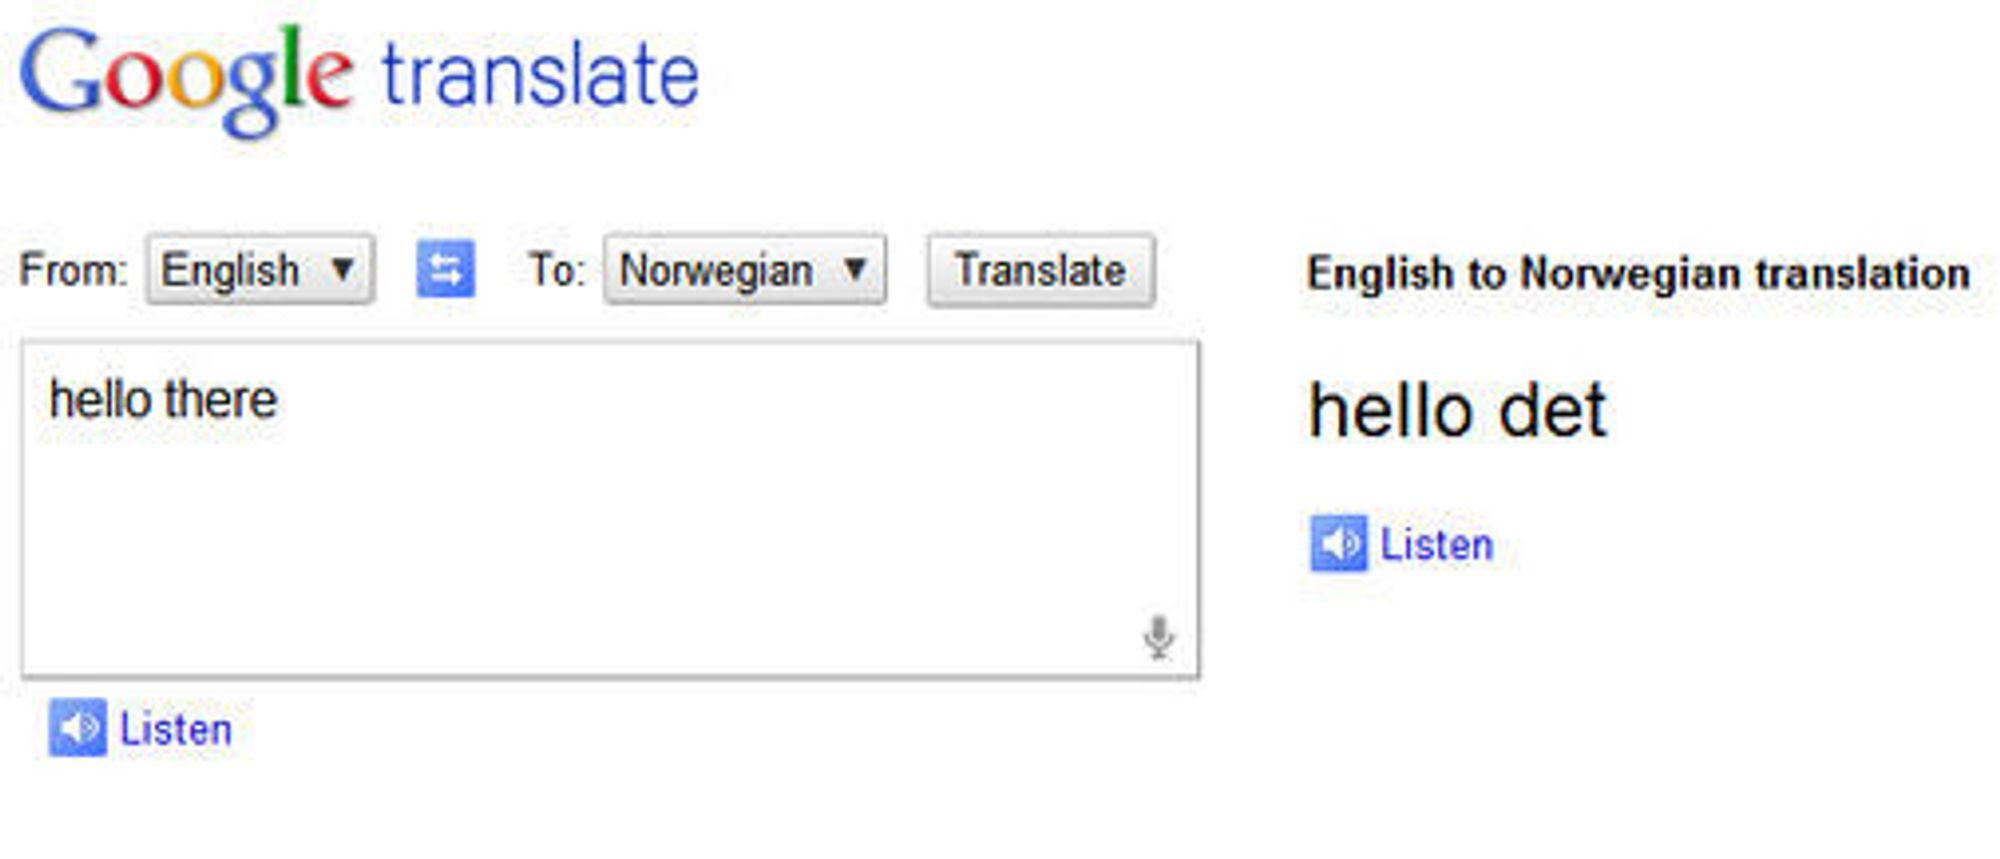 Nå kan man prate på engelsk til Google Translate, dersom man benytter Chrome 11. Men i likhet med oversettelsene til andre språk, fungerer det ikke like godt hver gang.